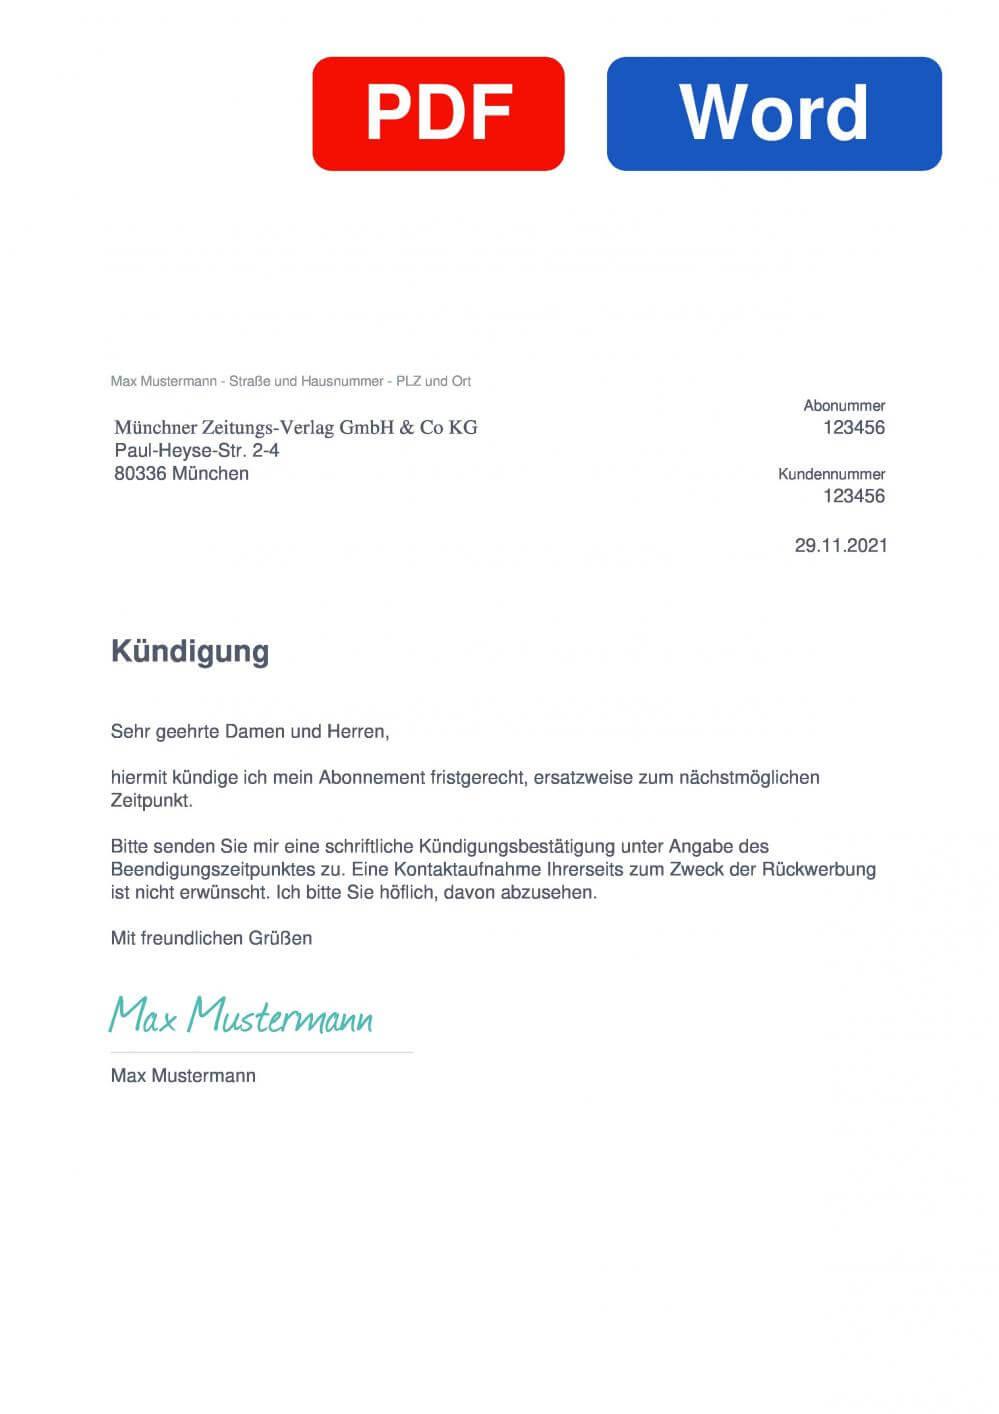 Münchner Merkur Muster Vorlage für Kündigungsschreiben